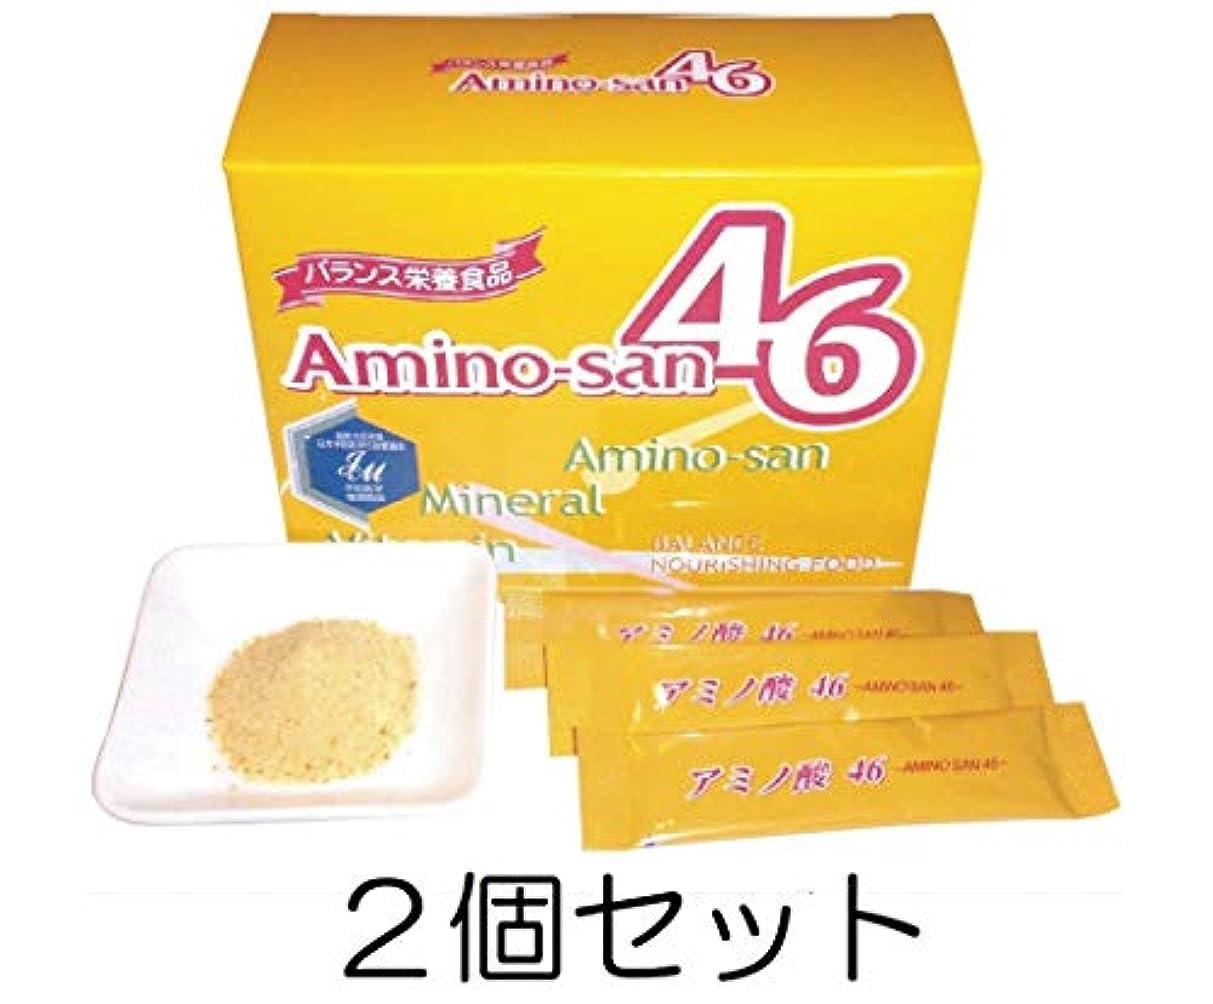 つぶす偽物ウェーハ【 アミノ酸46 (3g×60本?1か月分)×2箱セット】ポーレン(蜂蜜花粉)含有 サプリメント